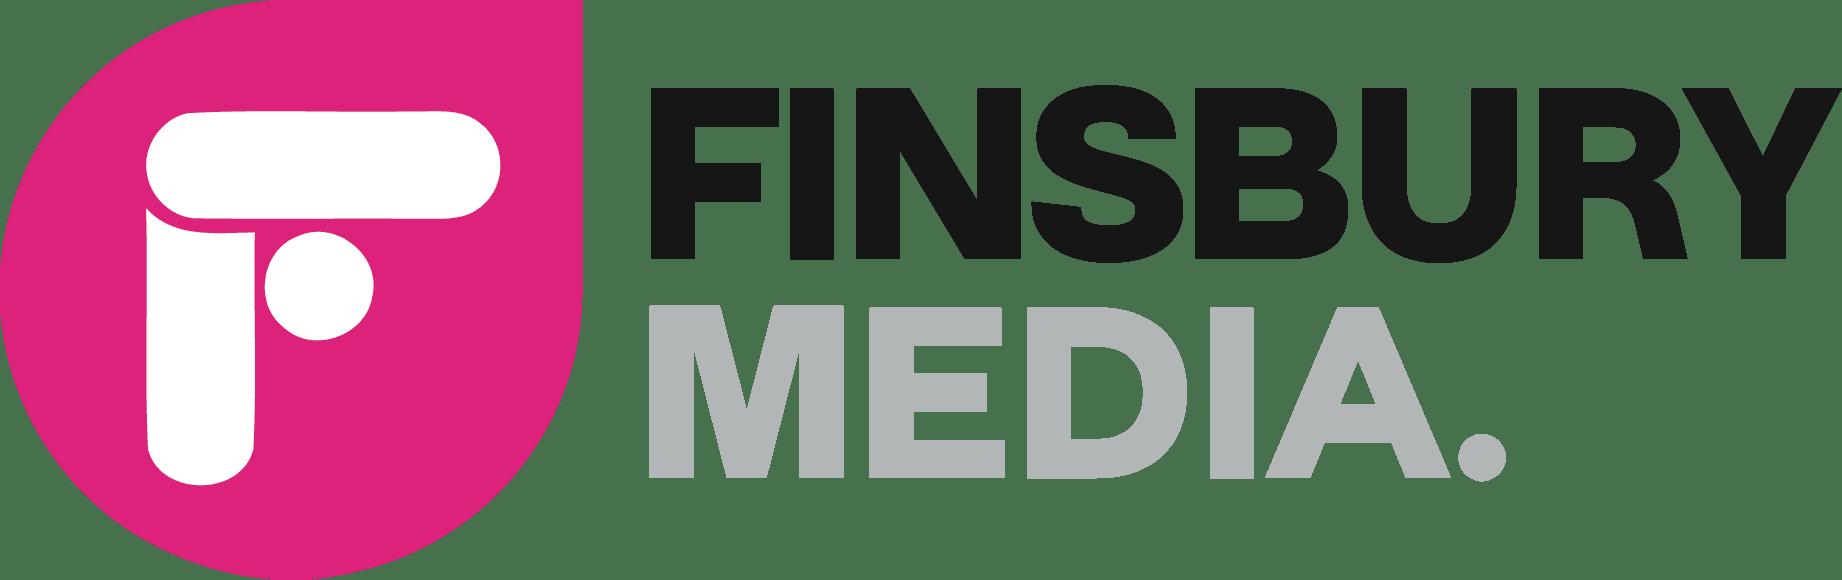 Home - Finsbury Media | Finsbury Media Advertising Agency